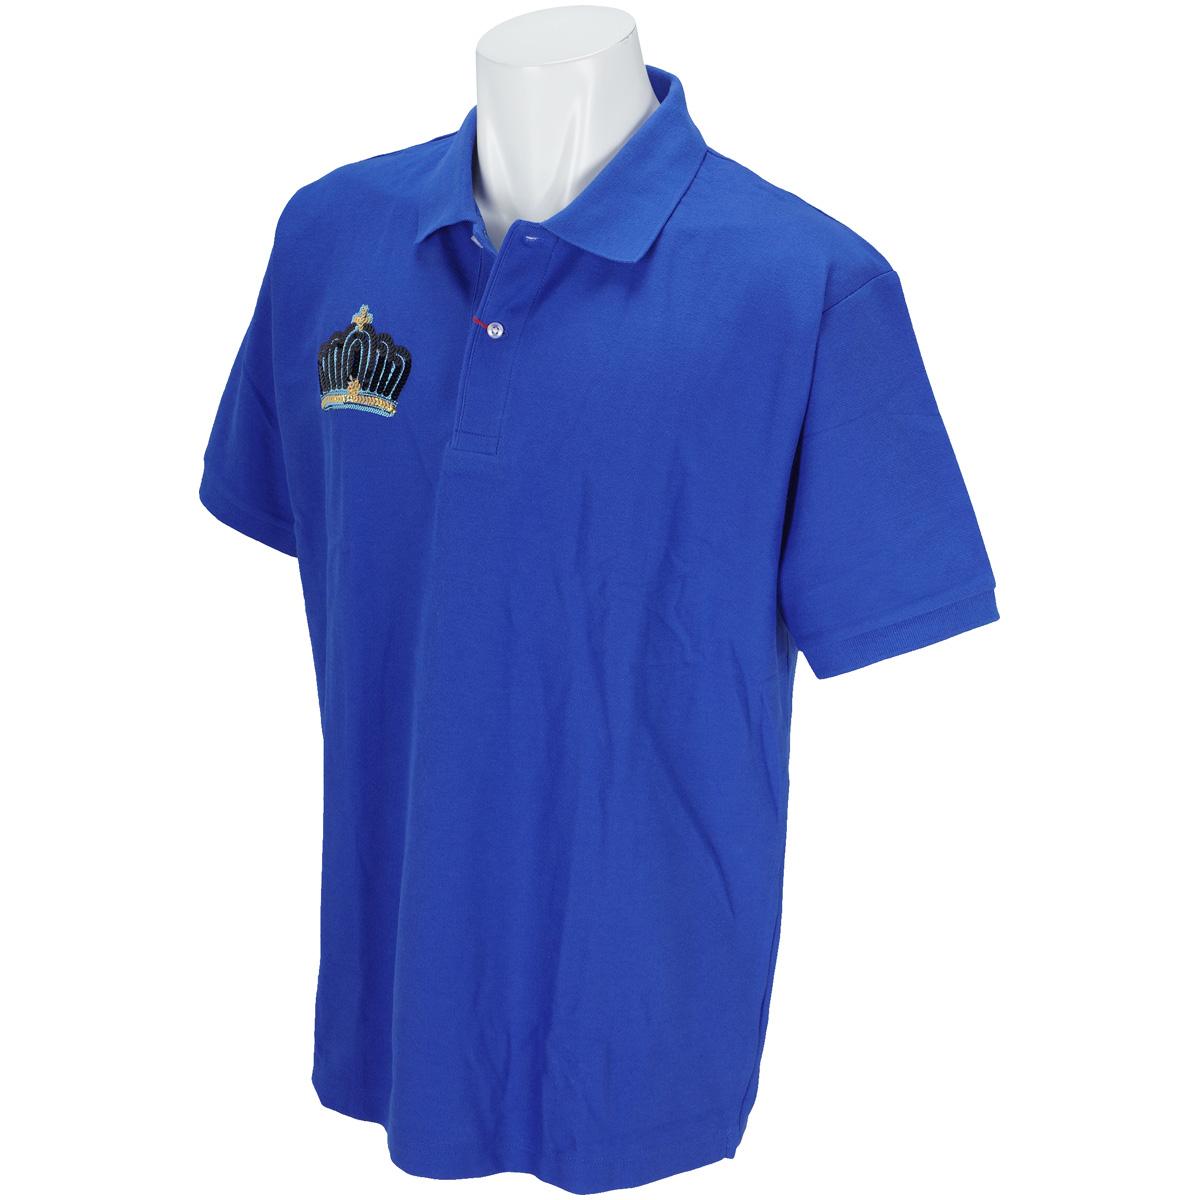 【GDO限定】王冠スパンコール刺繍 半袖ポロシャツ